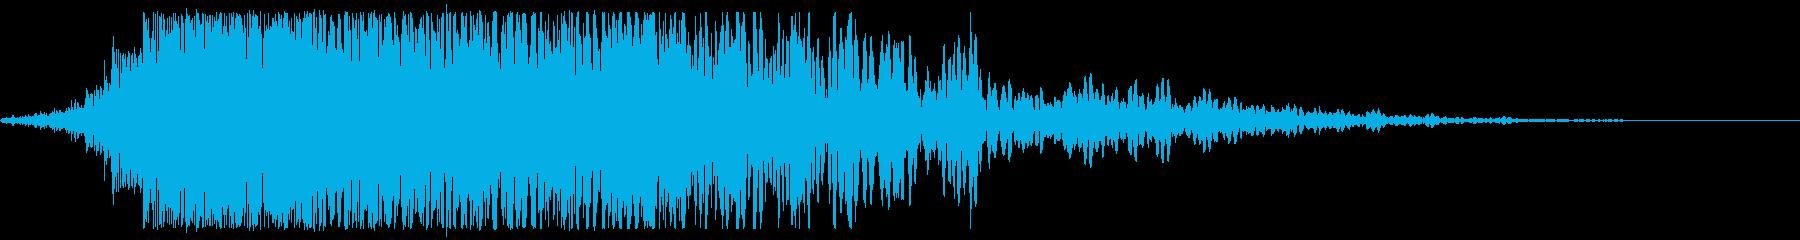 積極的な渦巻くヒューシューバースト...の再生済みの波形